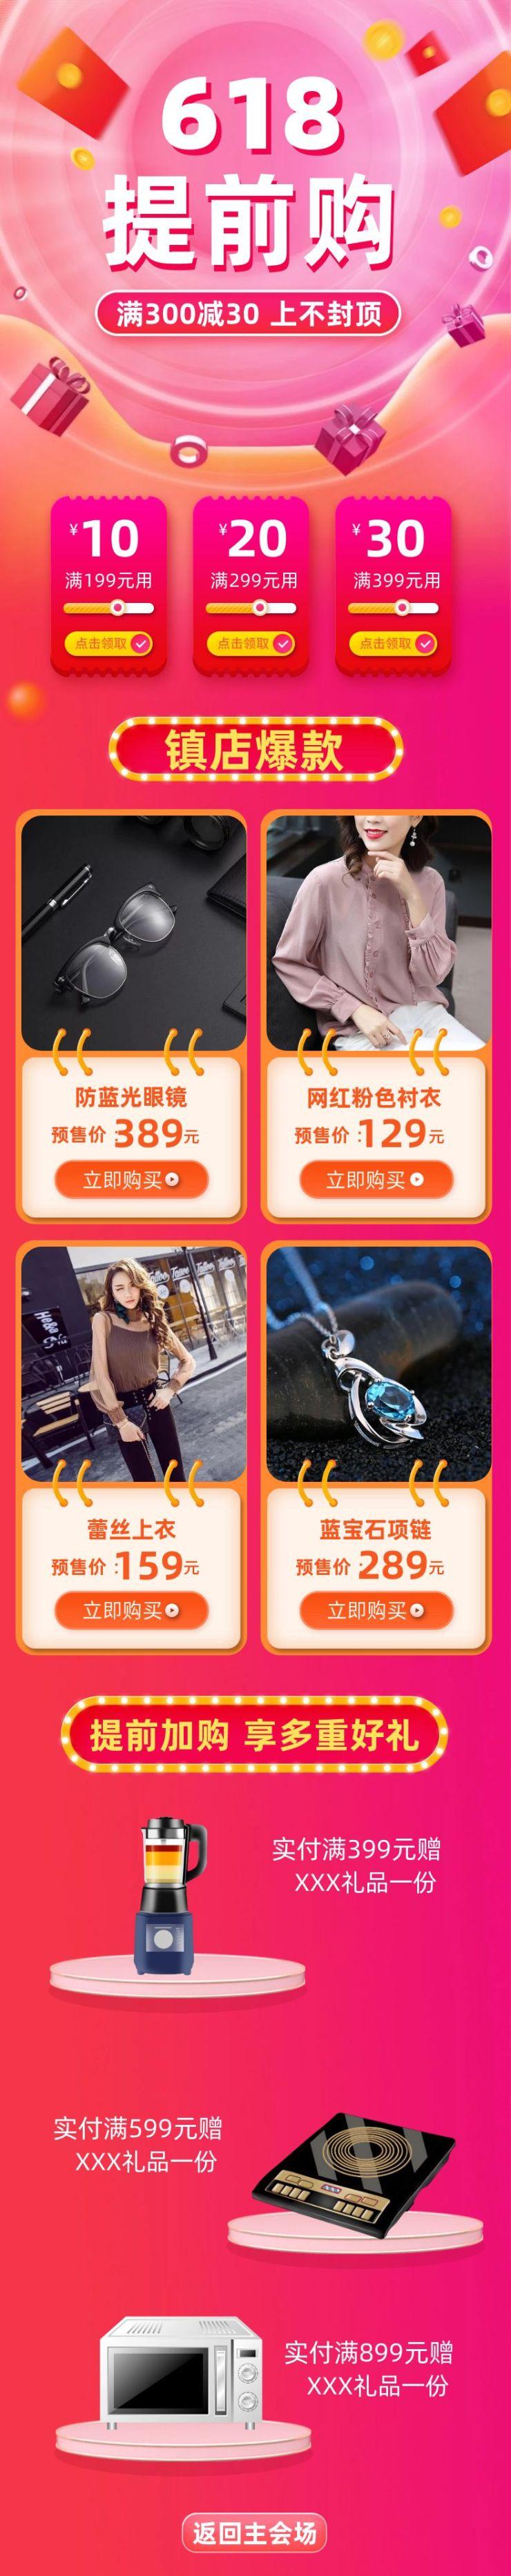 红色喜庆风产品618狂欢季促销宣传推广详情页